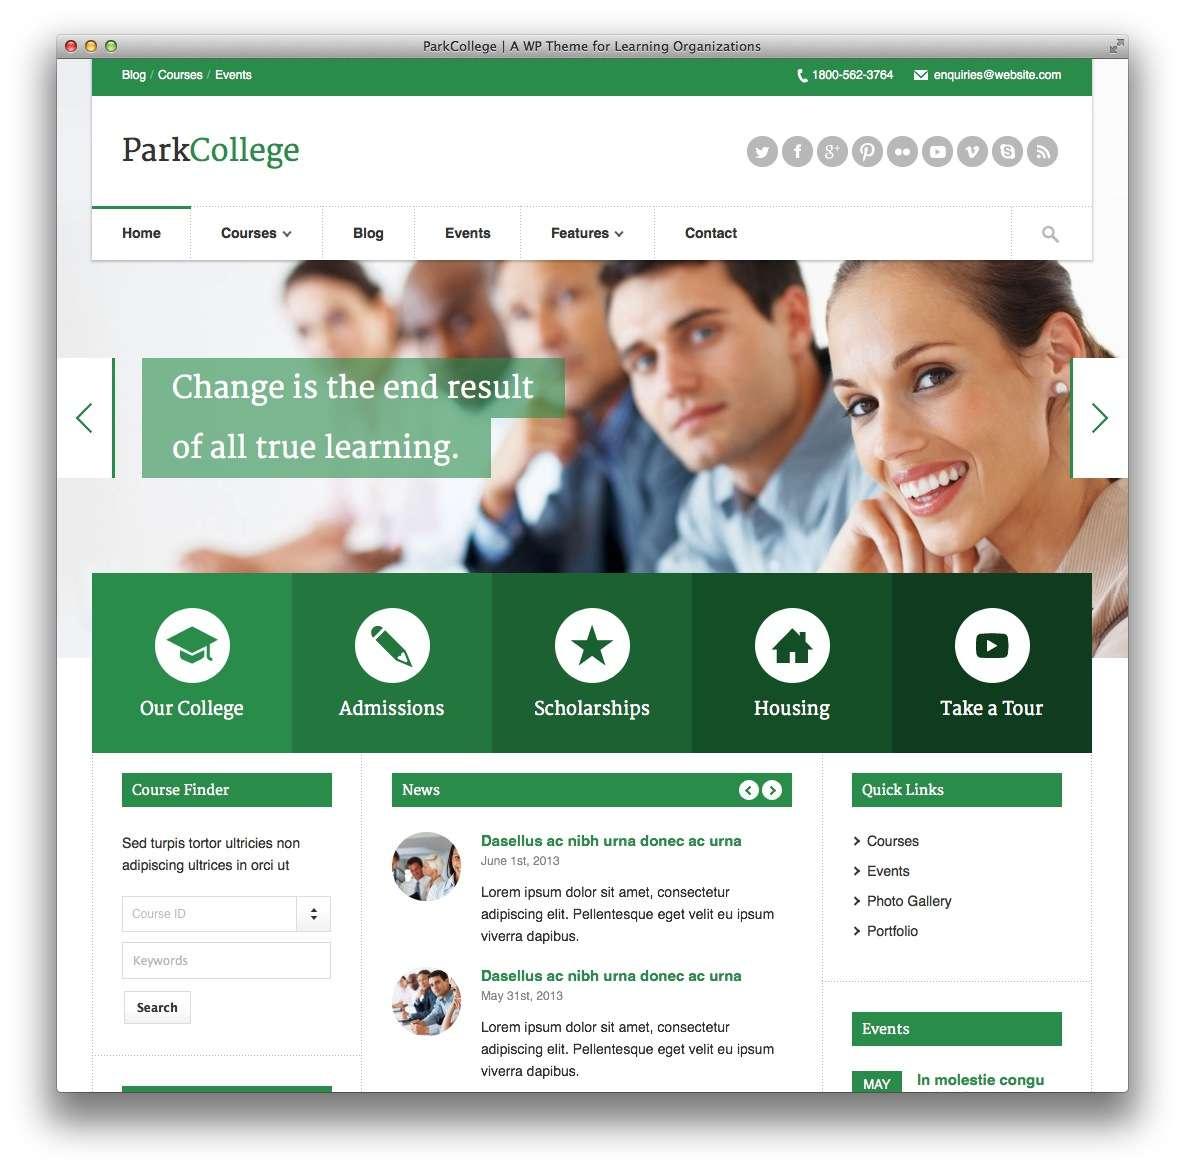 Качественный сайт для курсов школы университета на WordPress 2015